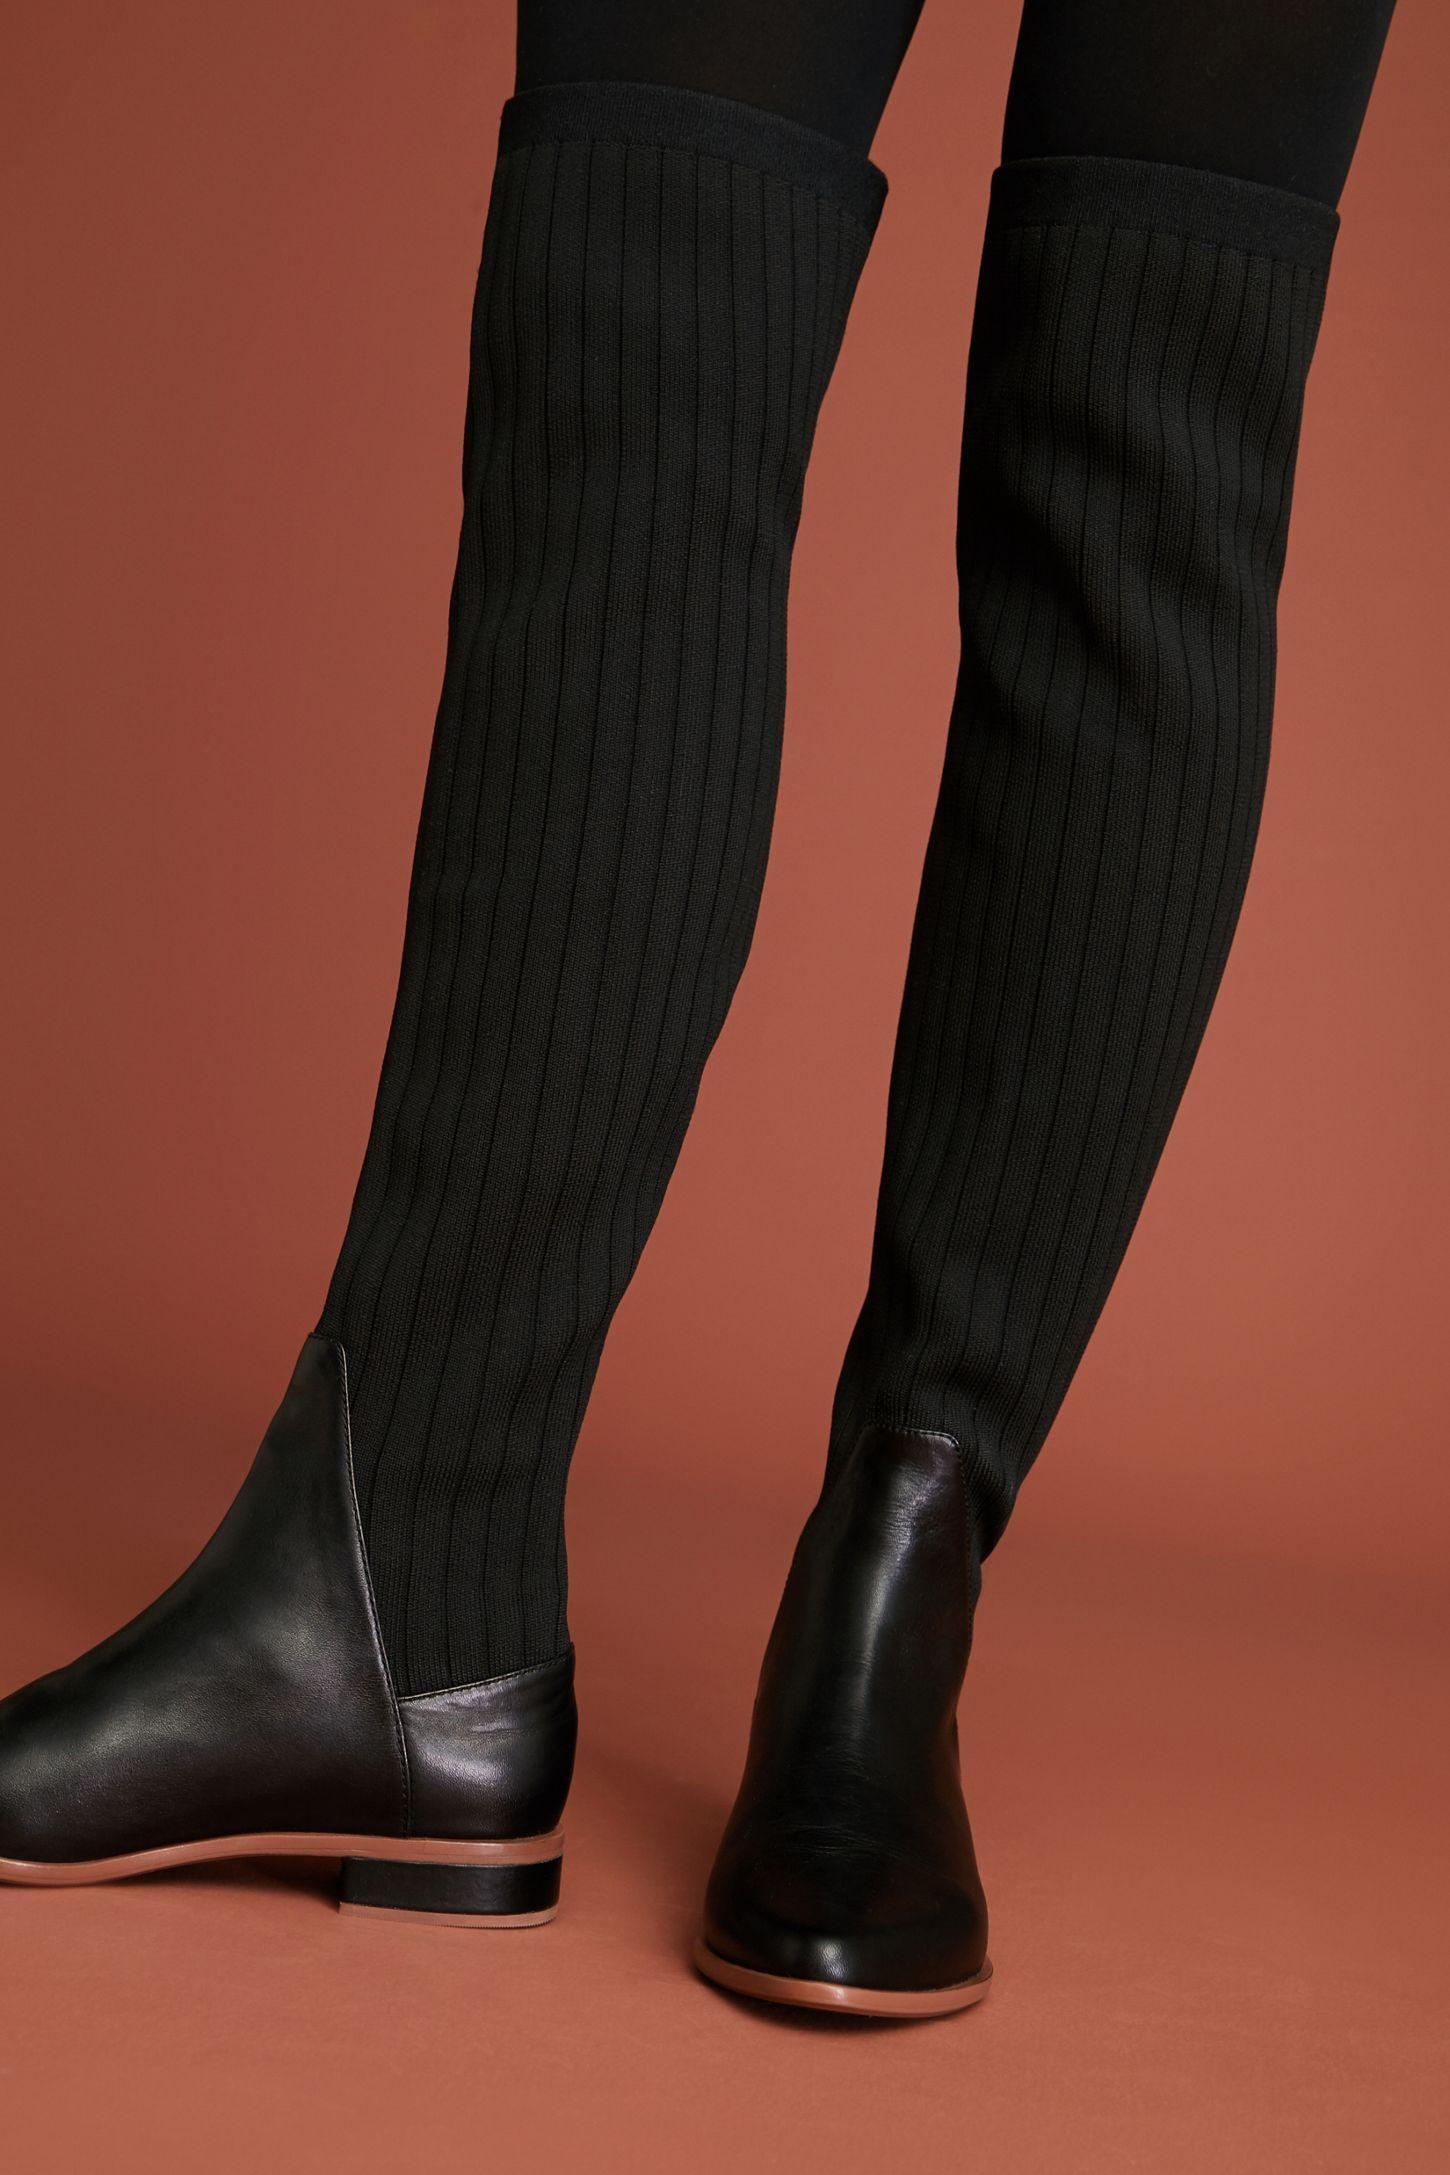 Kelsi Dagger Brooklyn Alva Over The Knee Sock Boots Over The Knee Sock Boots Over The Knee Socks Boots